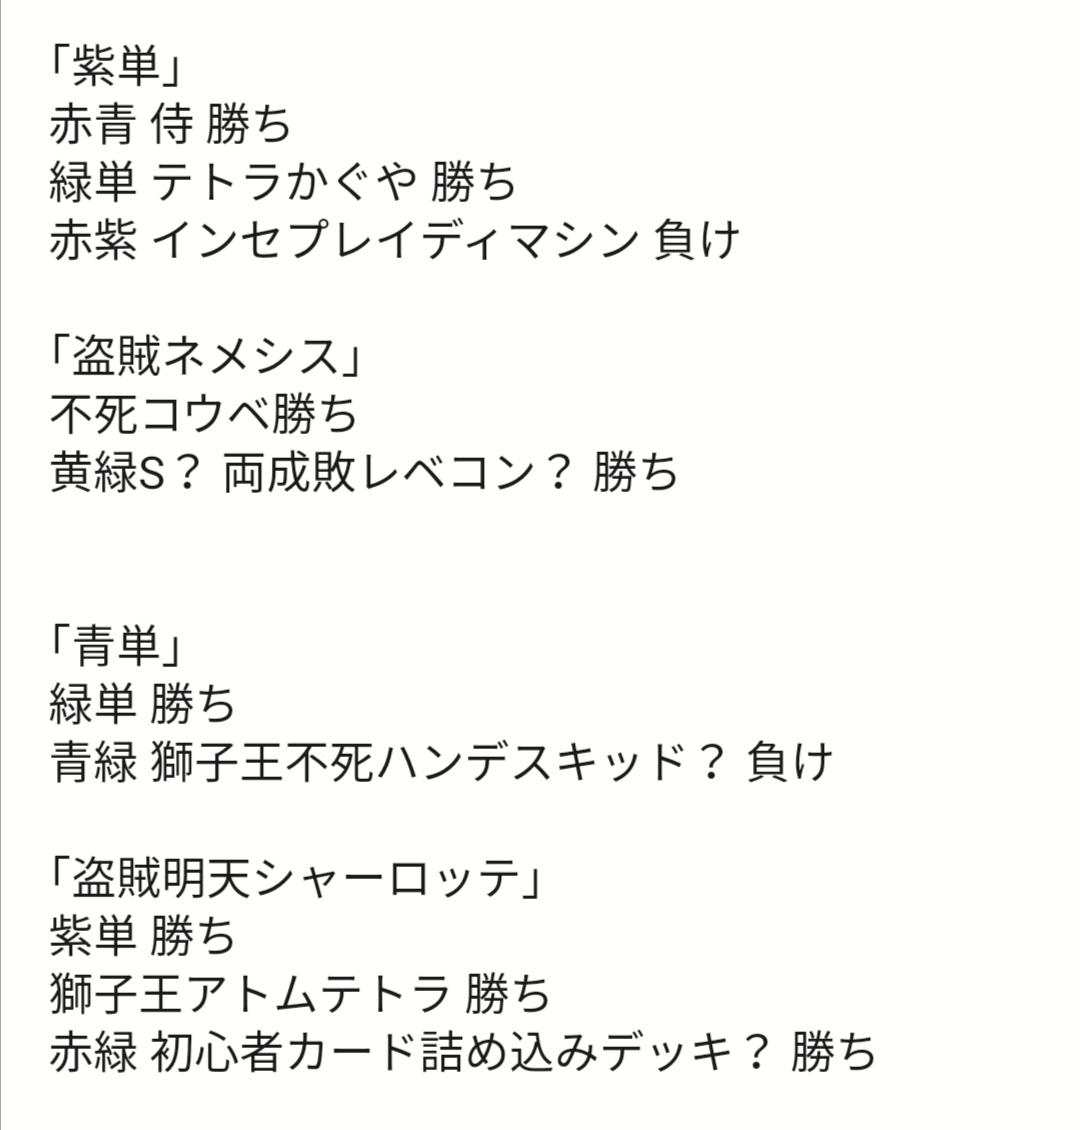 f:id:mizusuraimu:20190711123355j:plain